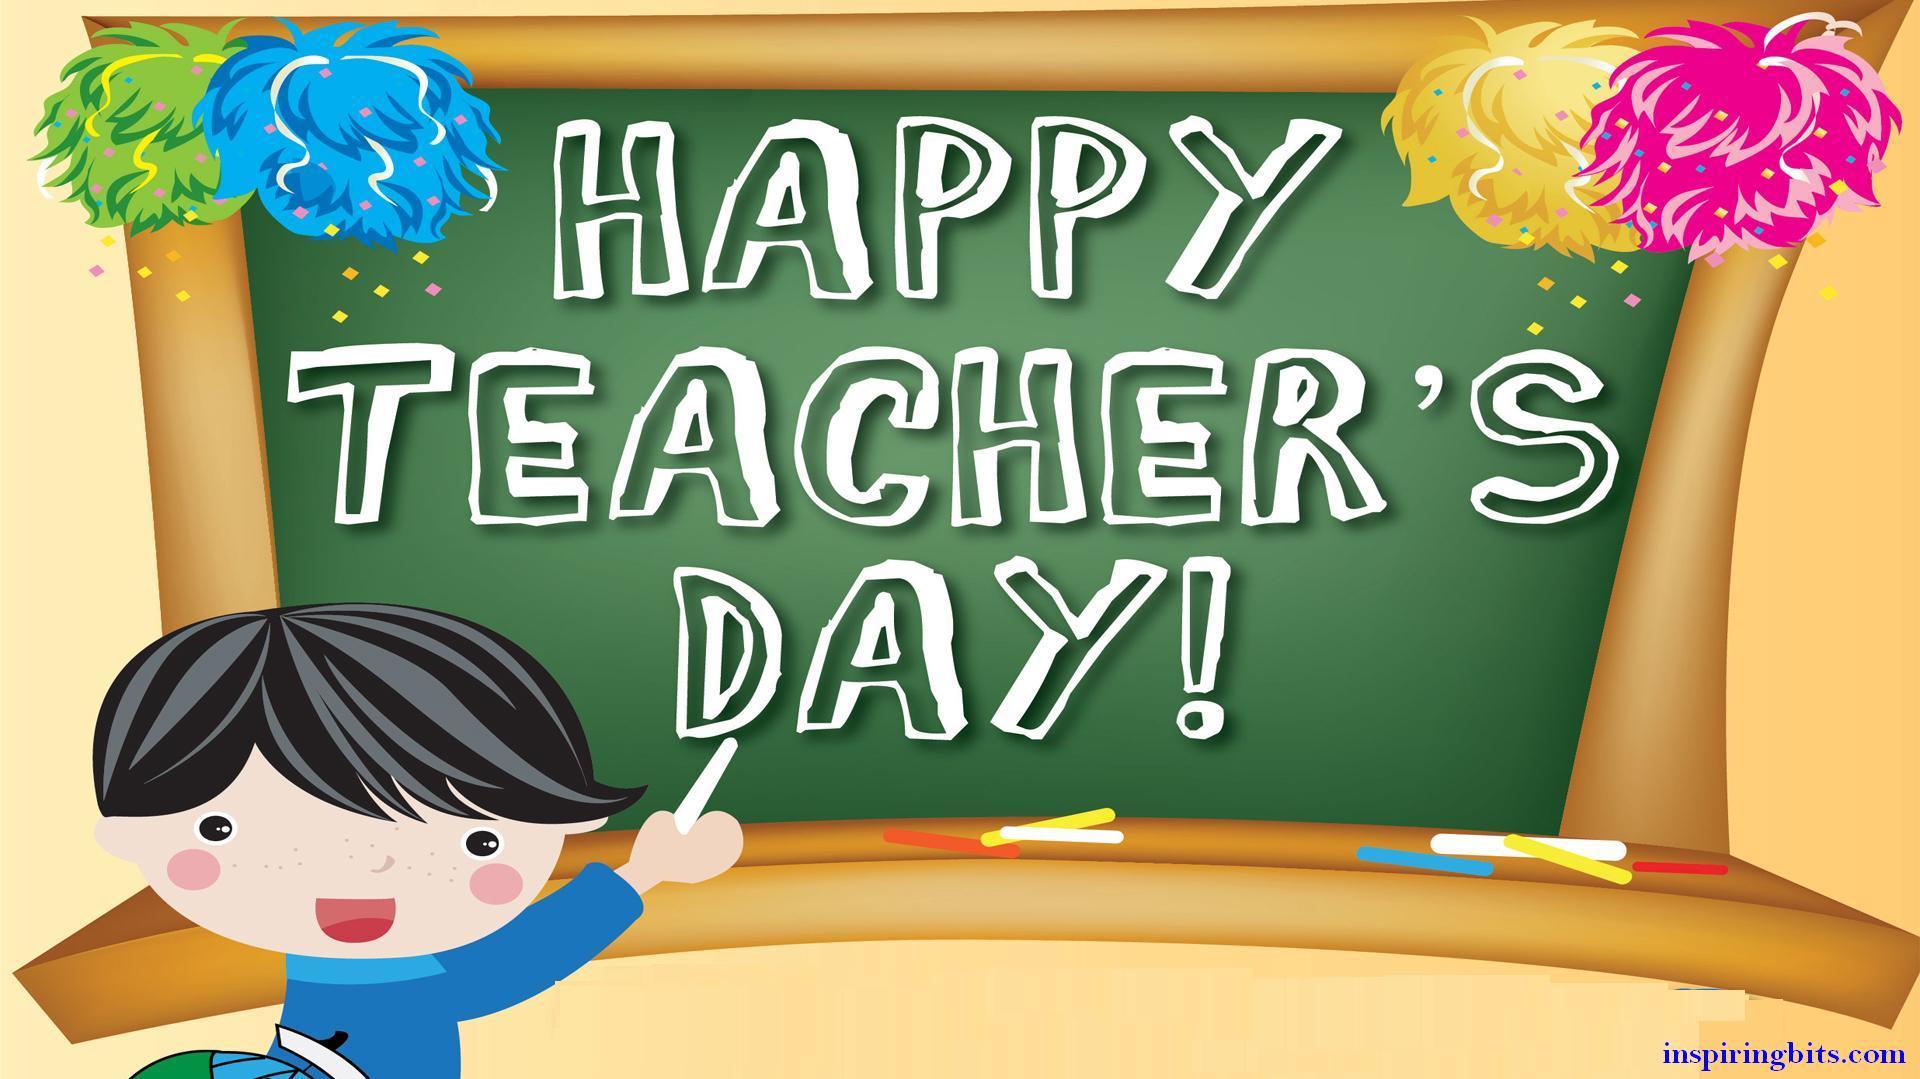 Teacher's Day - День учителя 2015